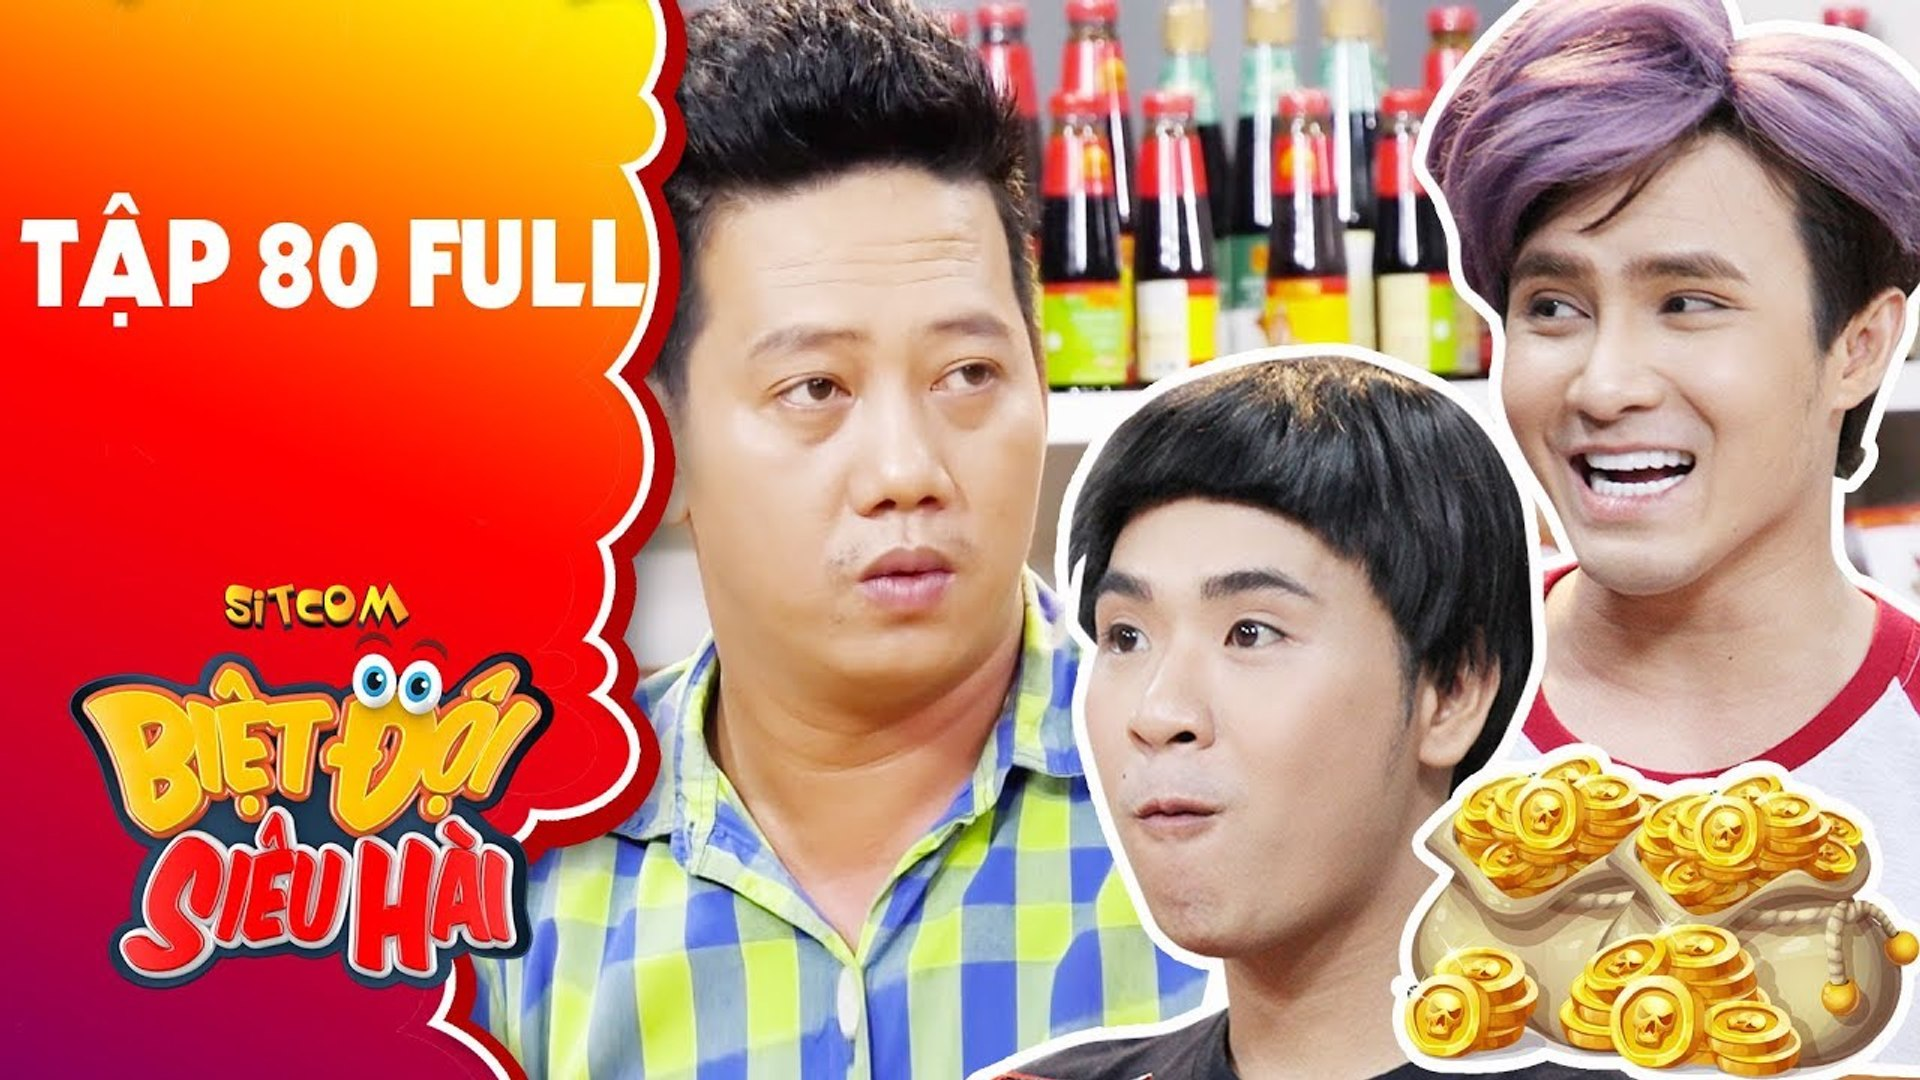 Biệt đội siêu hài   tập 80 full  Lê Nam xanh mặt với hội  đào mỏ  của Huỳnh Lập và Minh Ngọc